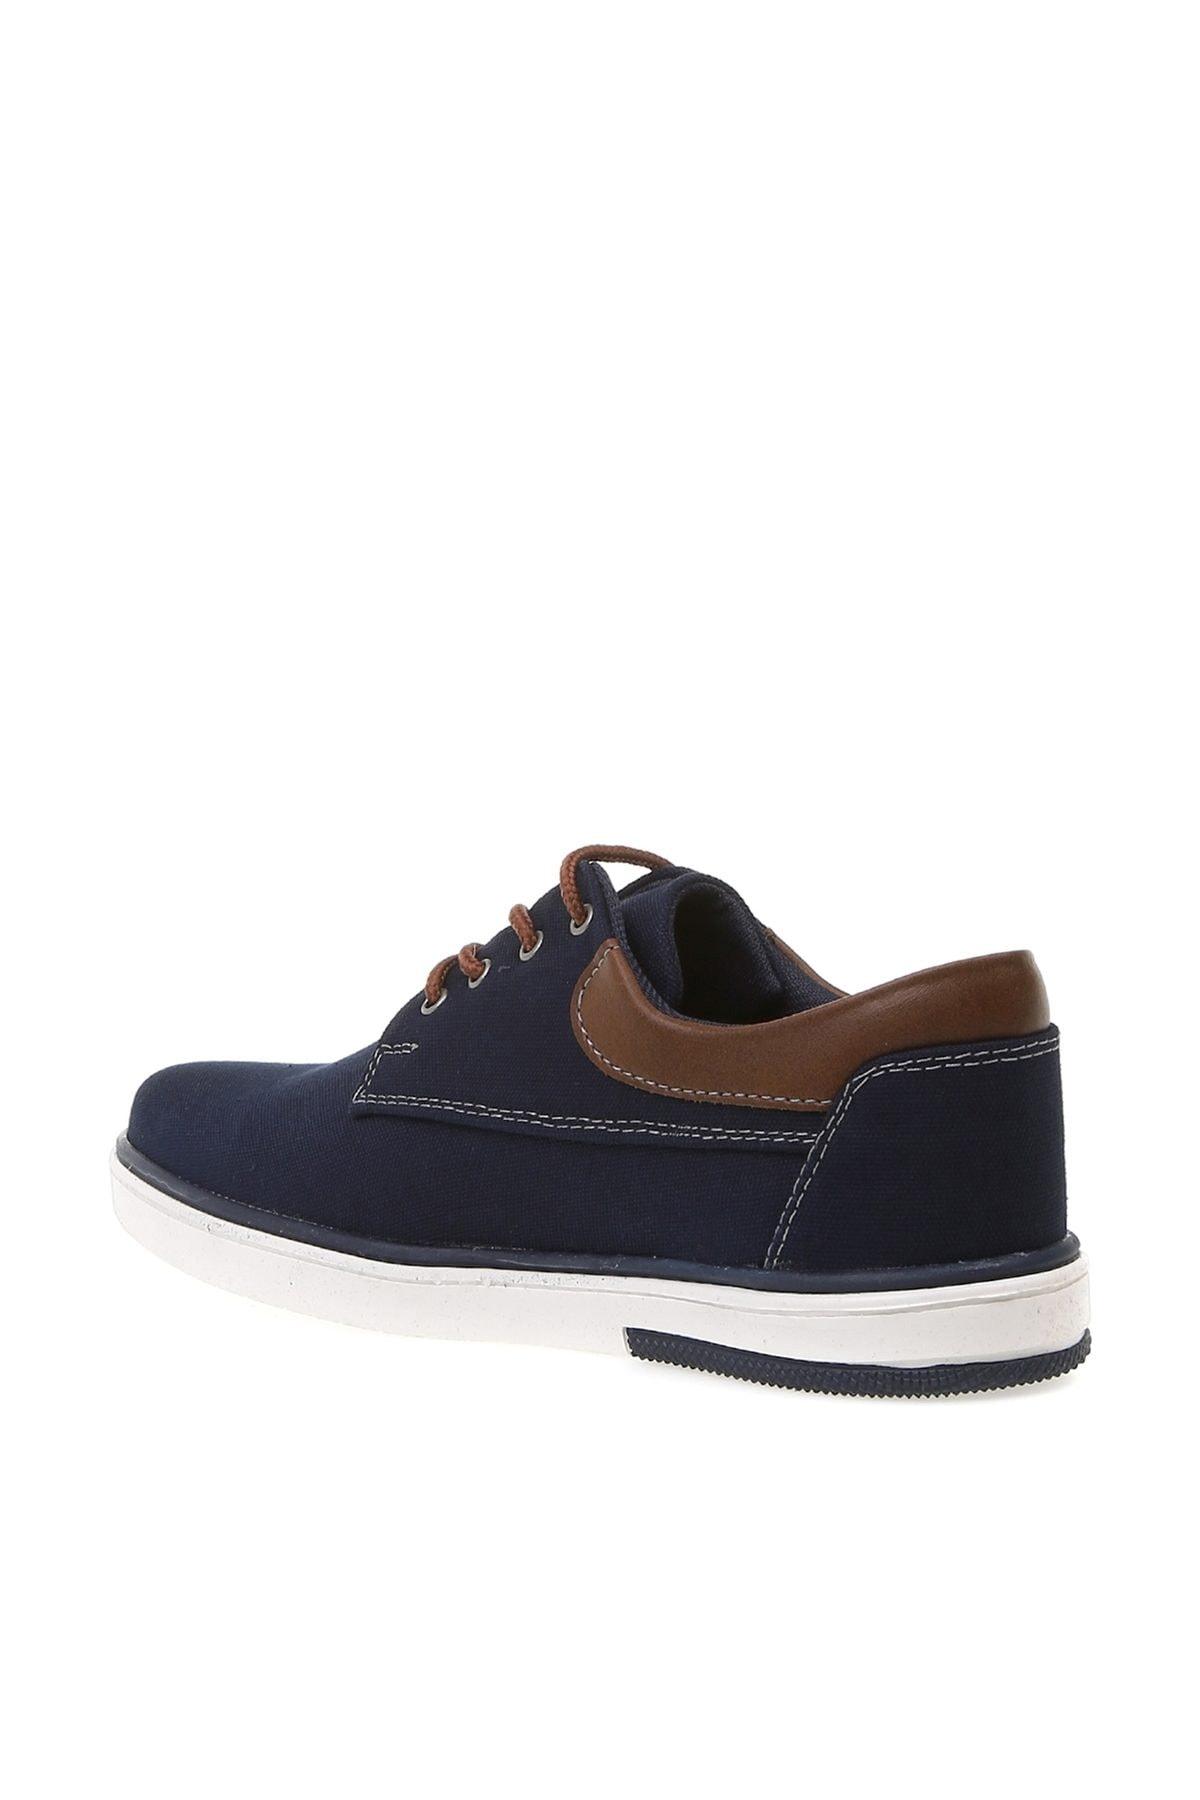 224942 Lacivert Erkek Sneaker Ayakkabı 100297714